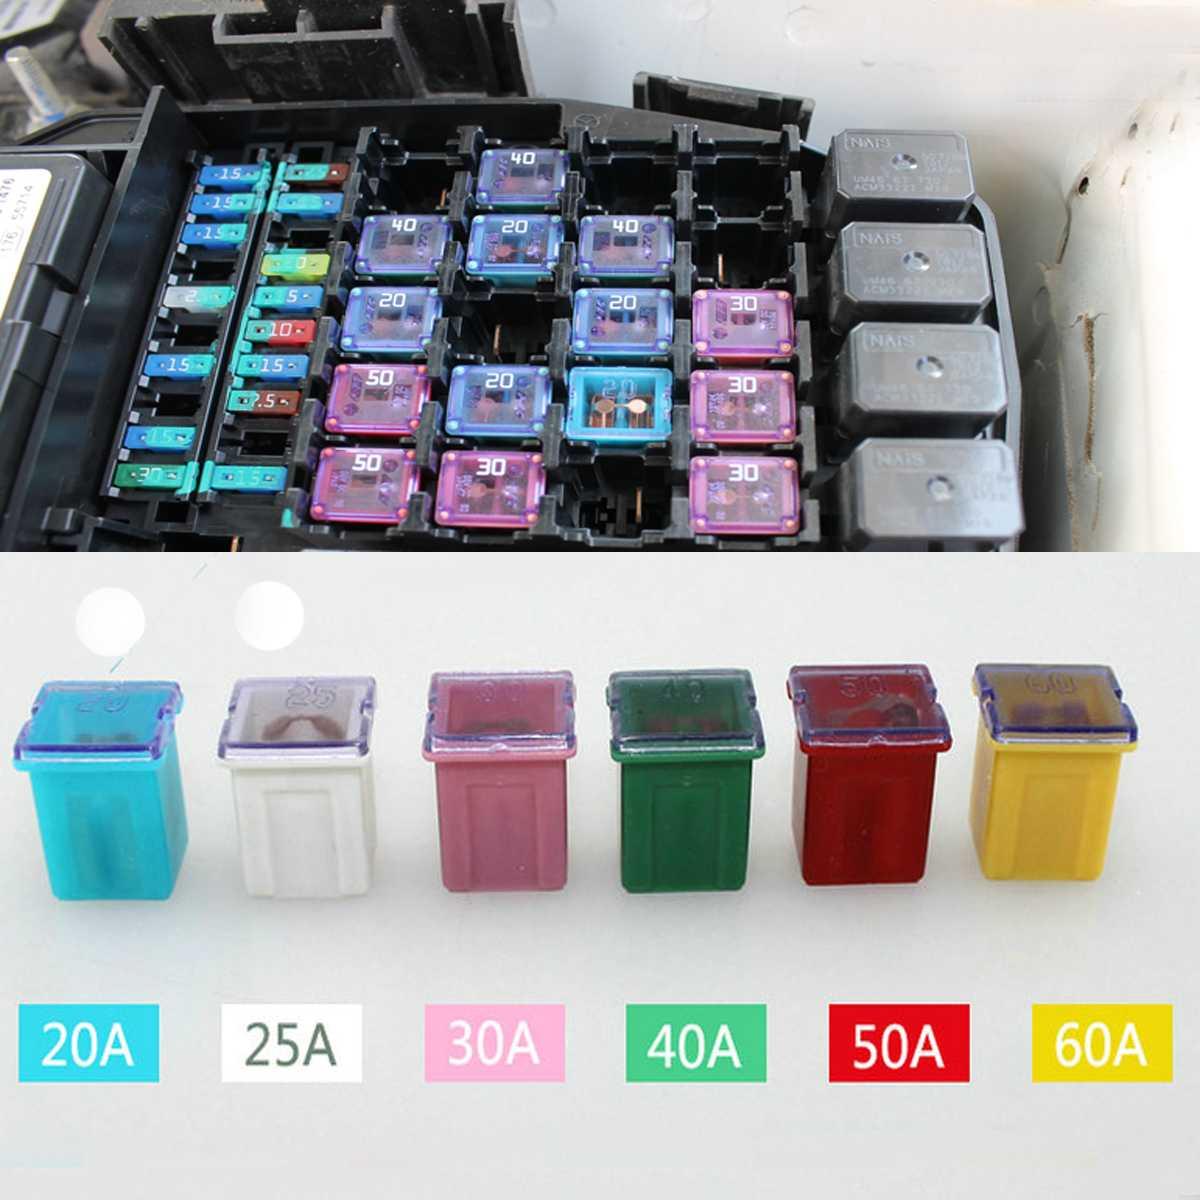 60Pcs Square Insert Car Fuse Box Japanese Auto Fuse 20/25/30 ... on